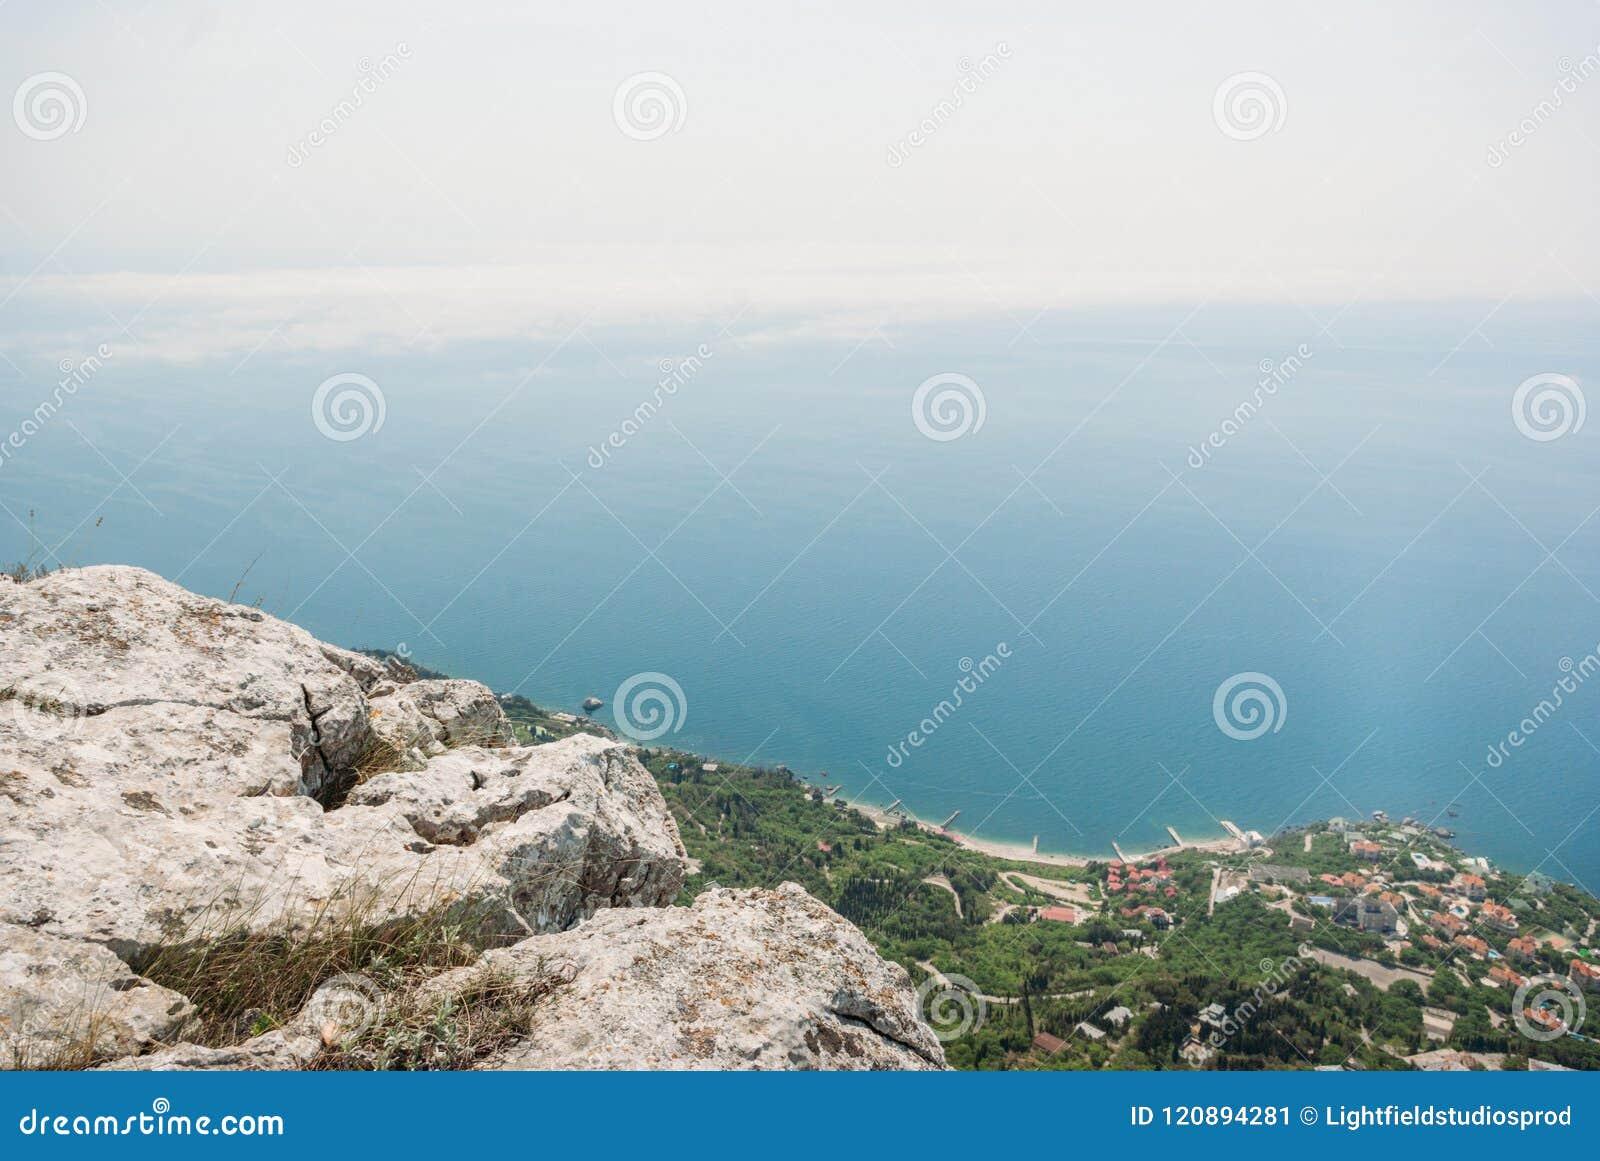 Mooie toneelmening van bergen in de Oekraïne, de Krim,